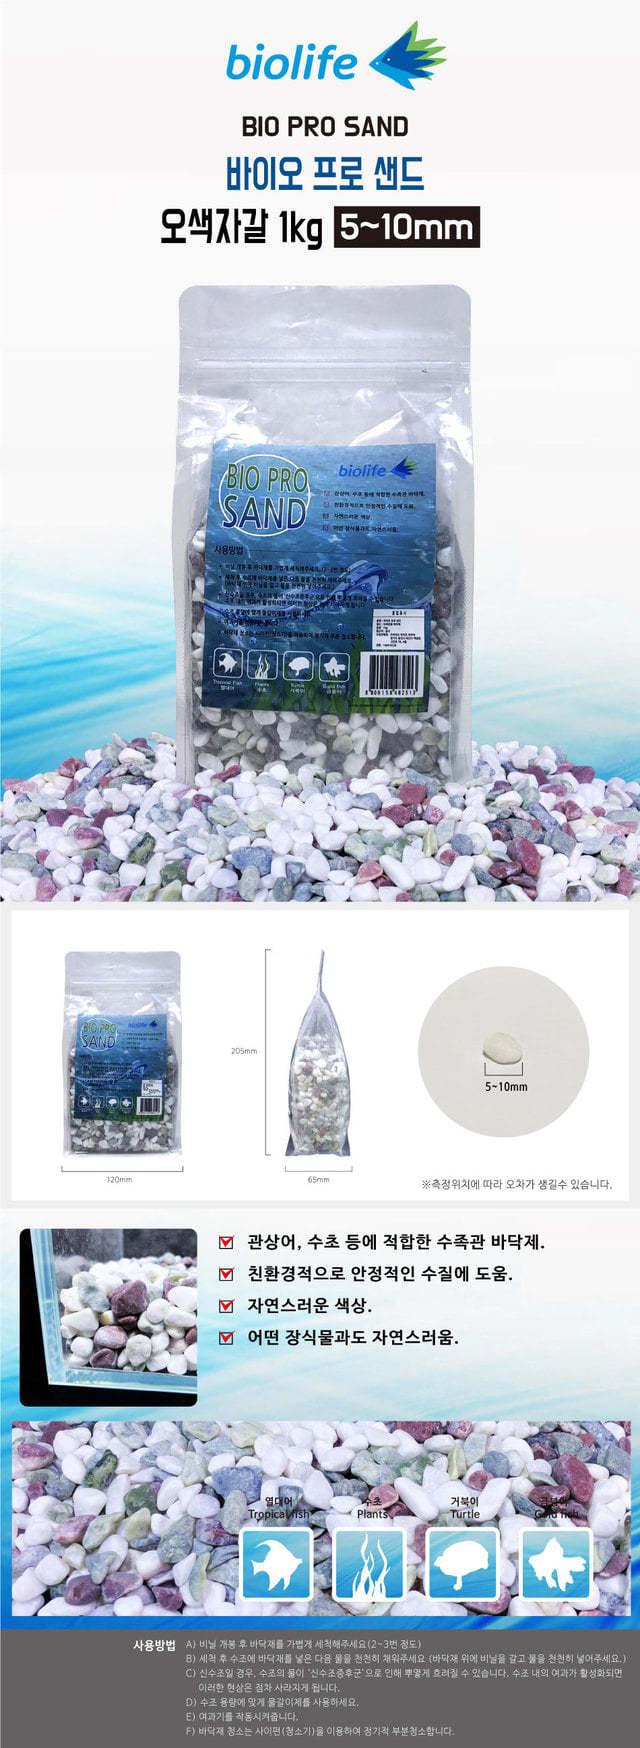 바이오프로샌드 오색자갈(3~5mm) 1kg - 미미네아쿠아, 3,500원, 장식품, 바닥재